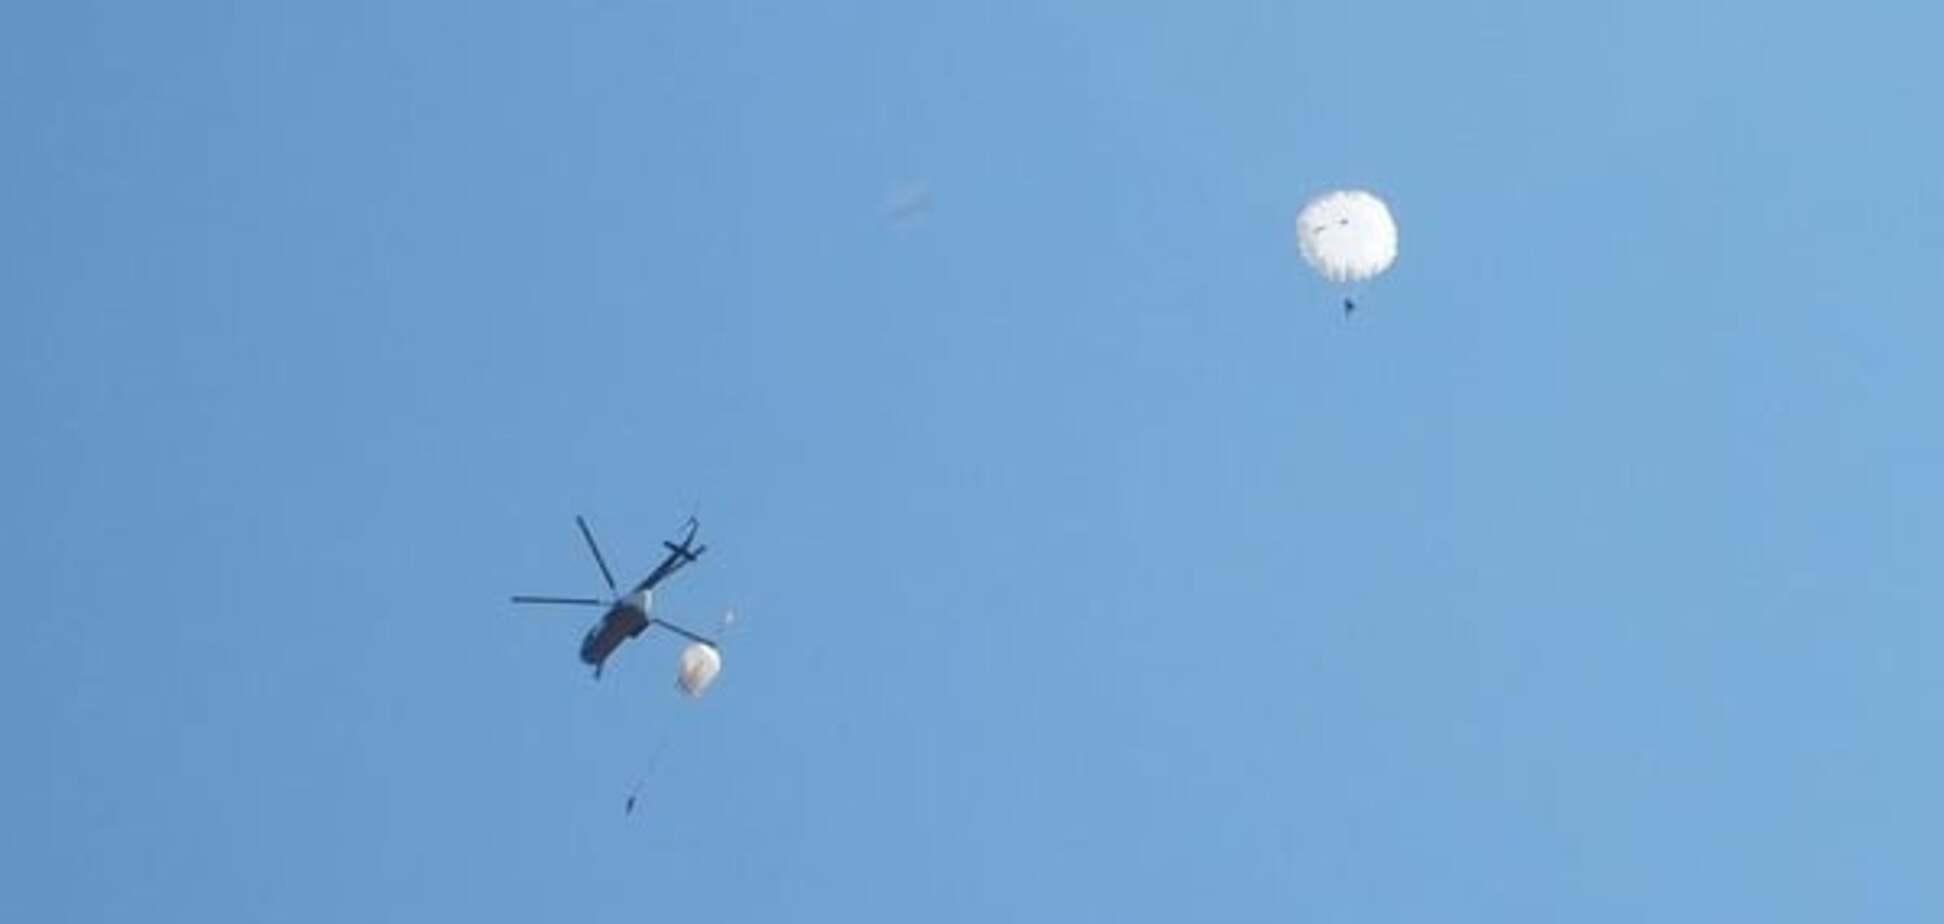 Не розкрилися парашути: під Миколаєвом загинули двоє офіцерів